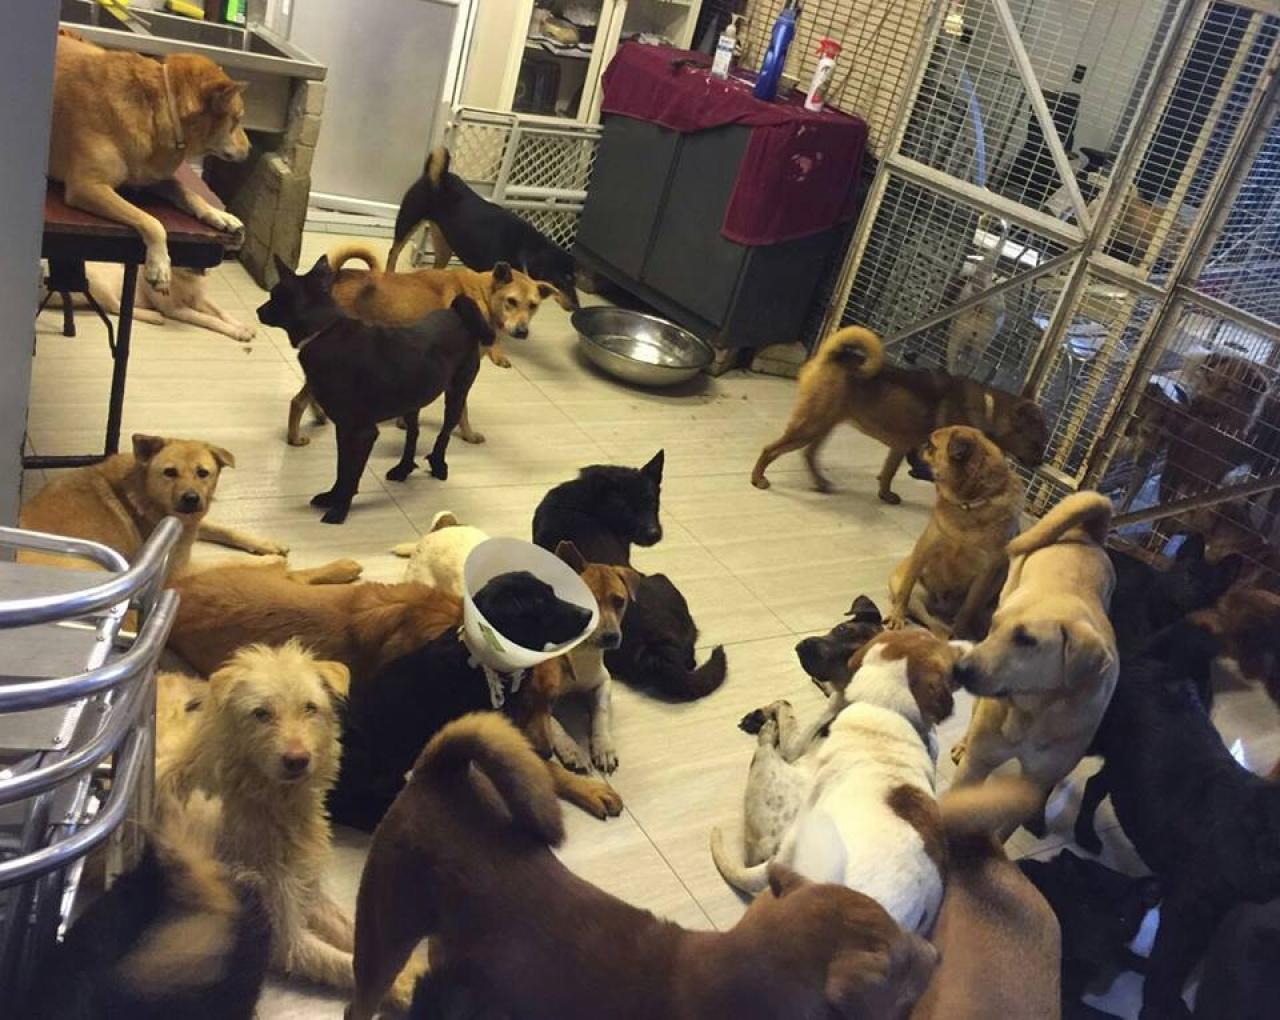 流浪狗們安坐屋內,屋外風大雨大也不用怕。(圖片截至香港流浪狗之家)